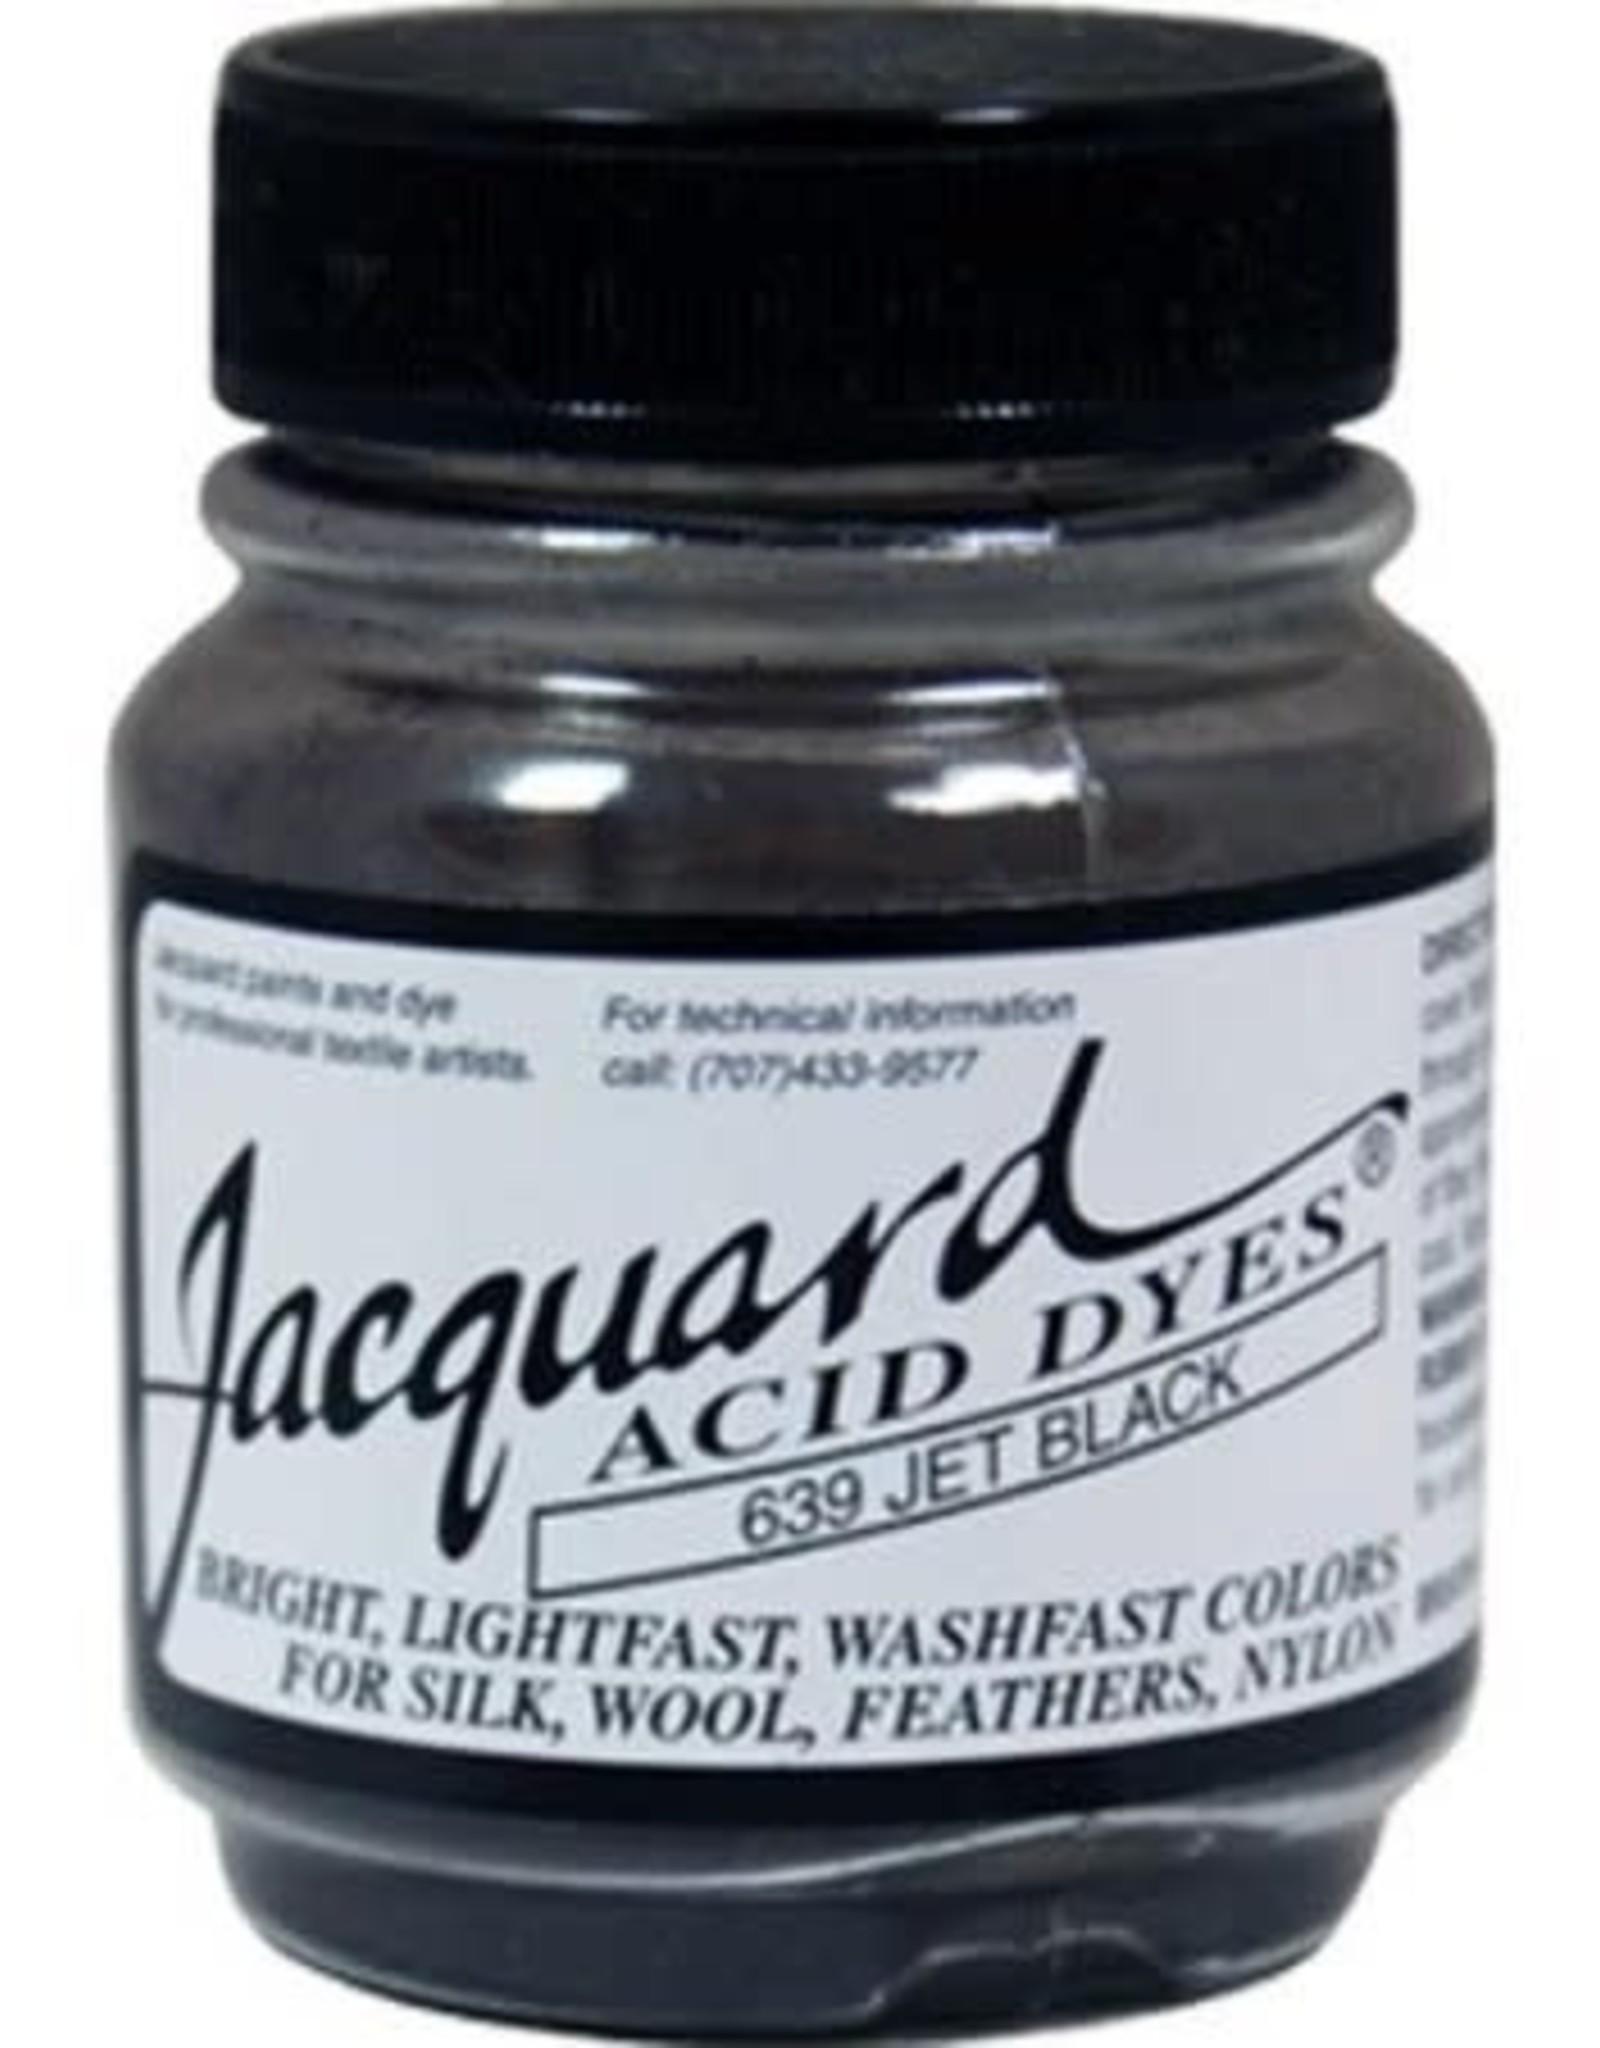 Jacquard Jacquard Acid Dye Black